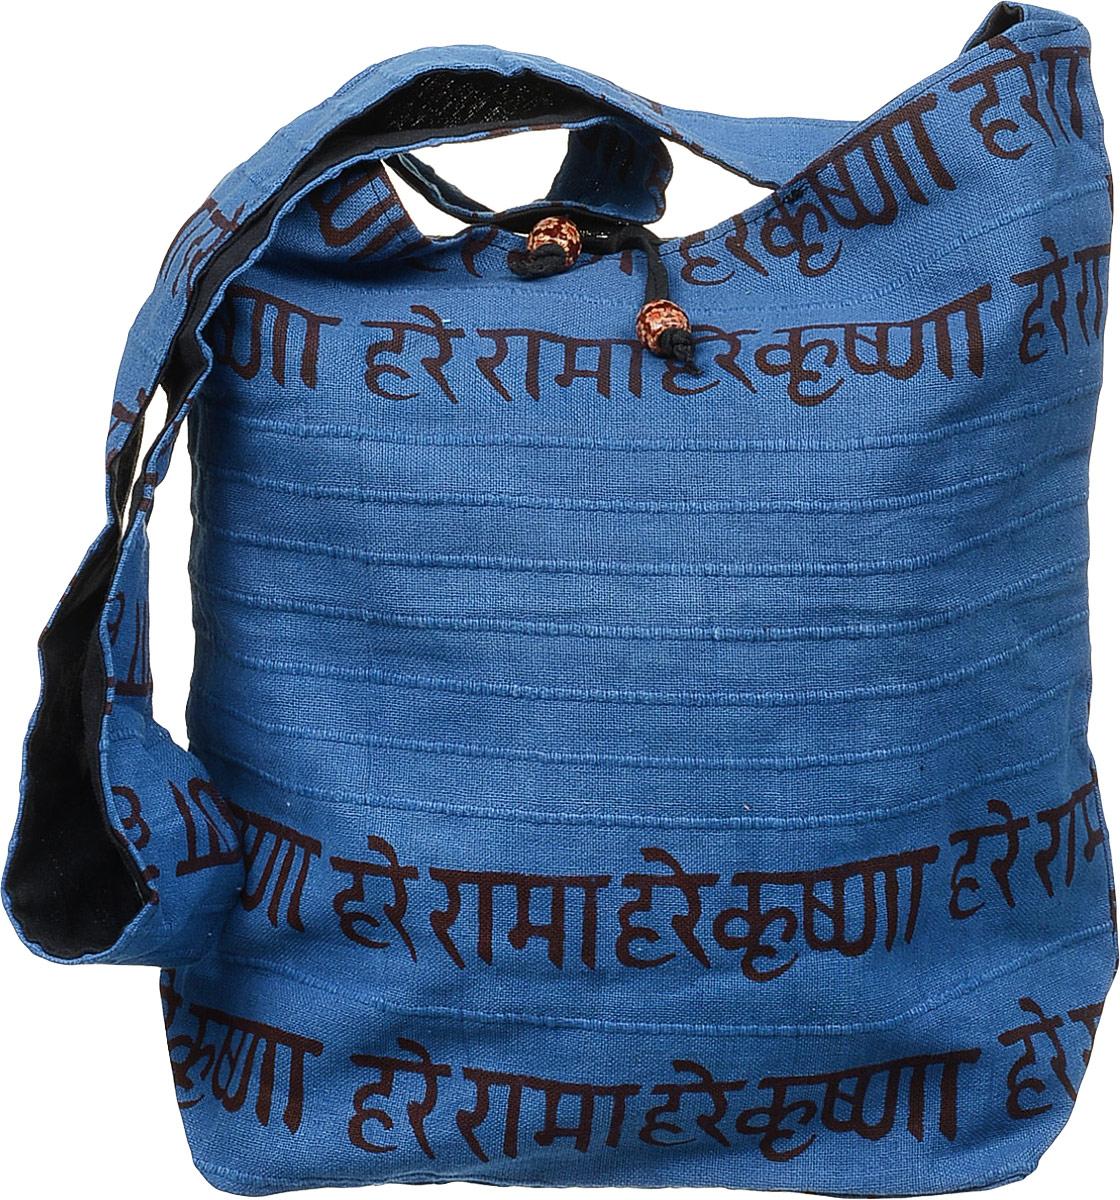 Сумка женская Ethnica, цвет: синий. 20415071069с-2Женская сумка Ethnica изготовлена из текстиля. Дополнена модель прочными удобными ручками и украшена тонкой вышивкой. Застегивается изделие на застежку-молнию.